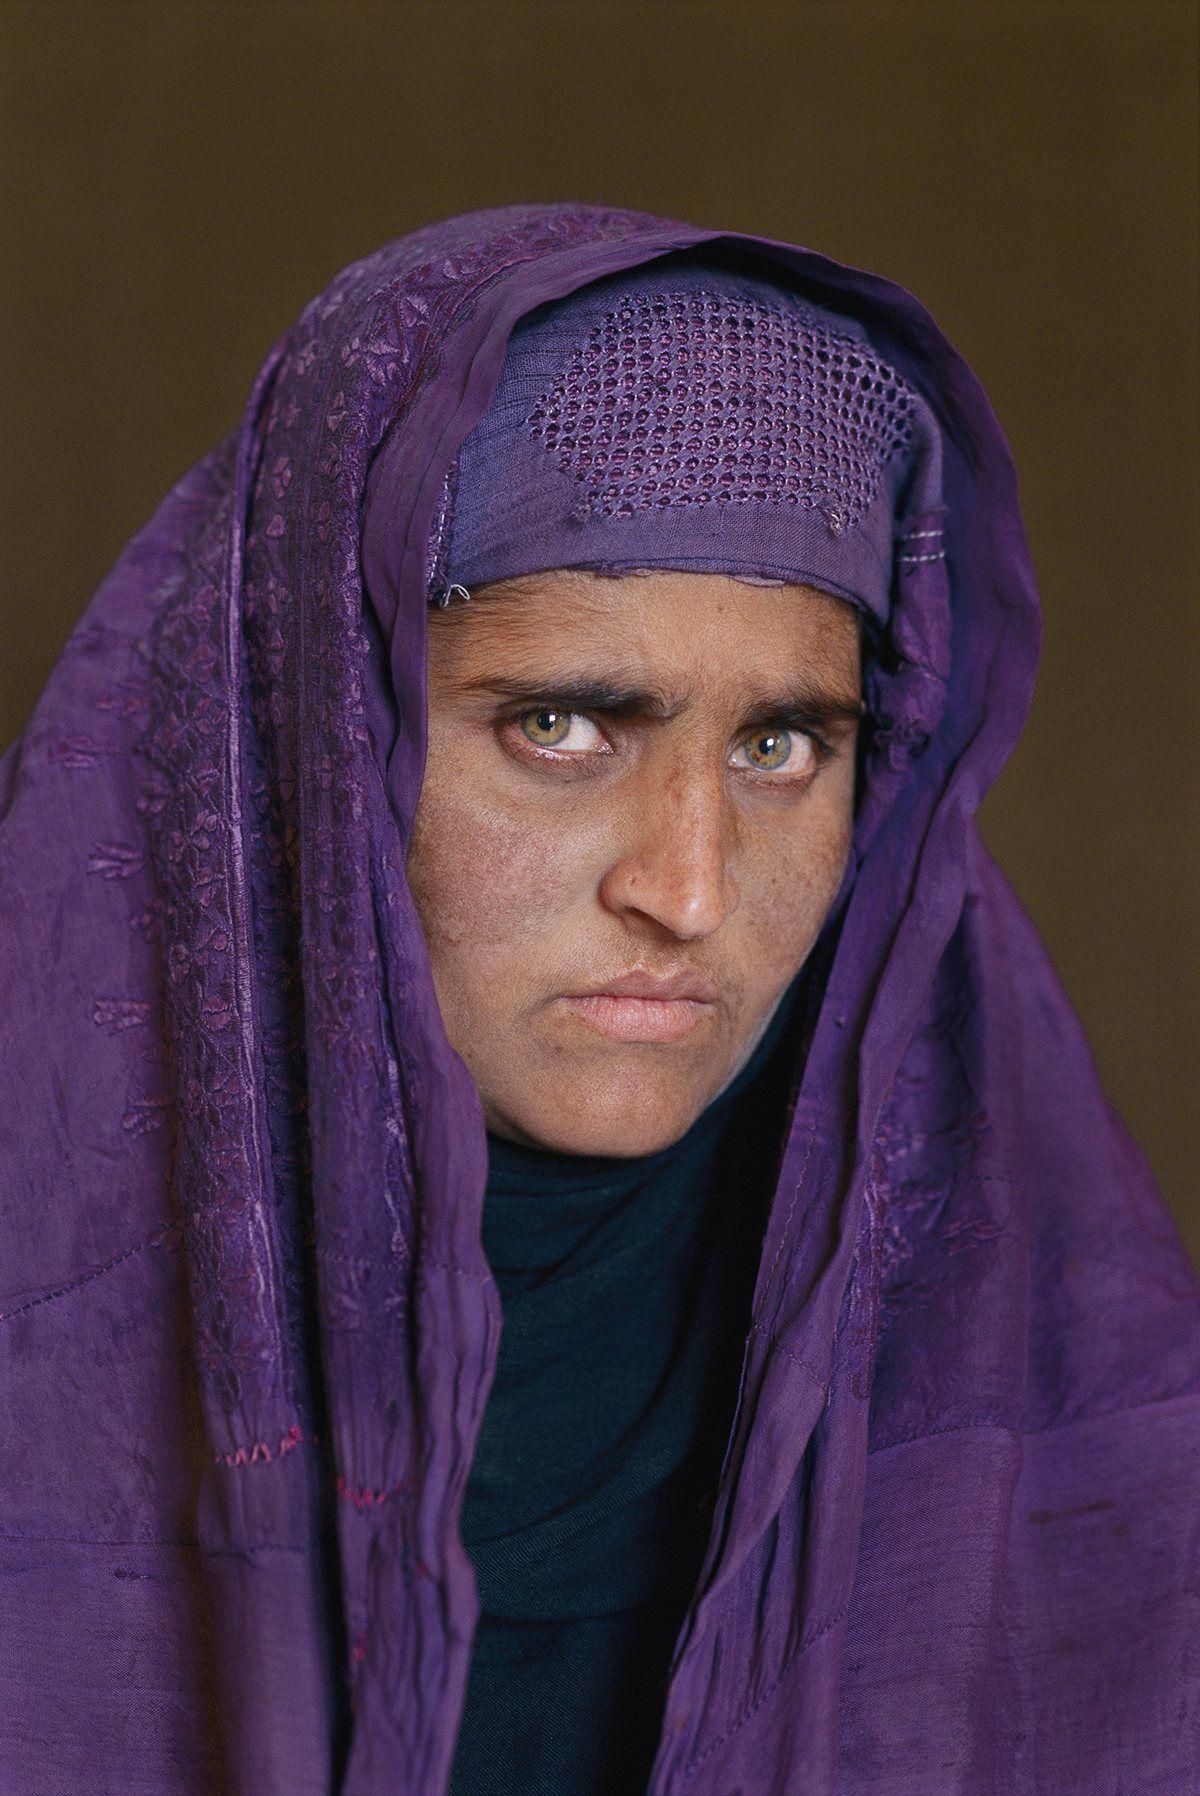 «La muchacha afgana», 17 años despúes